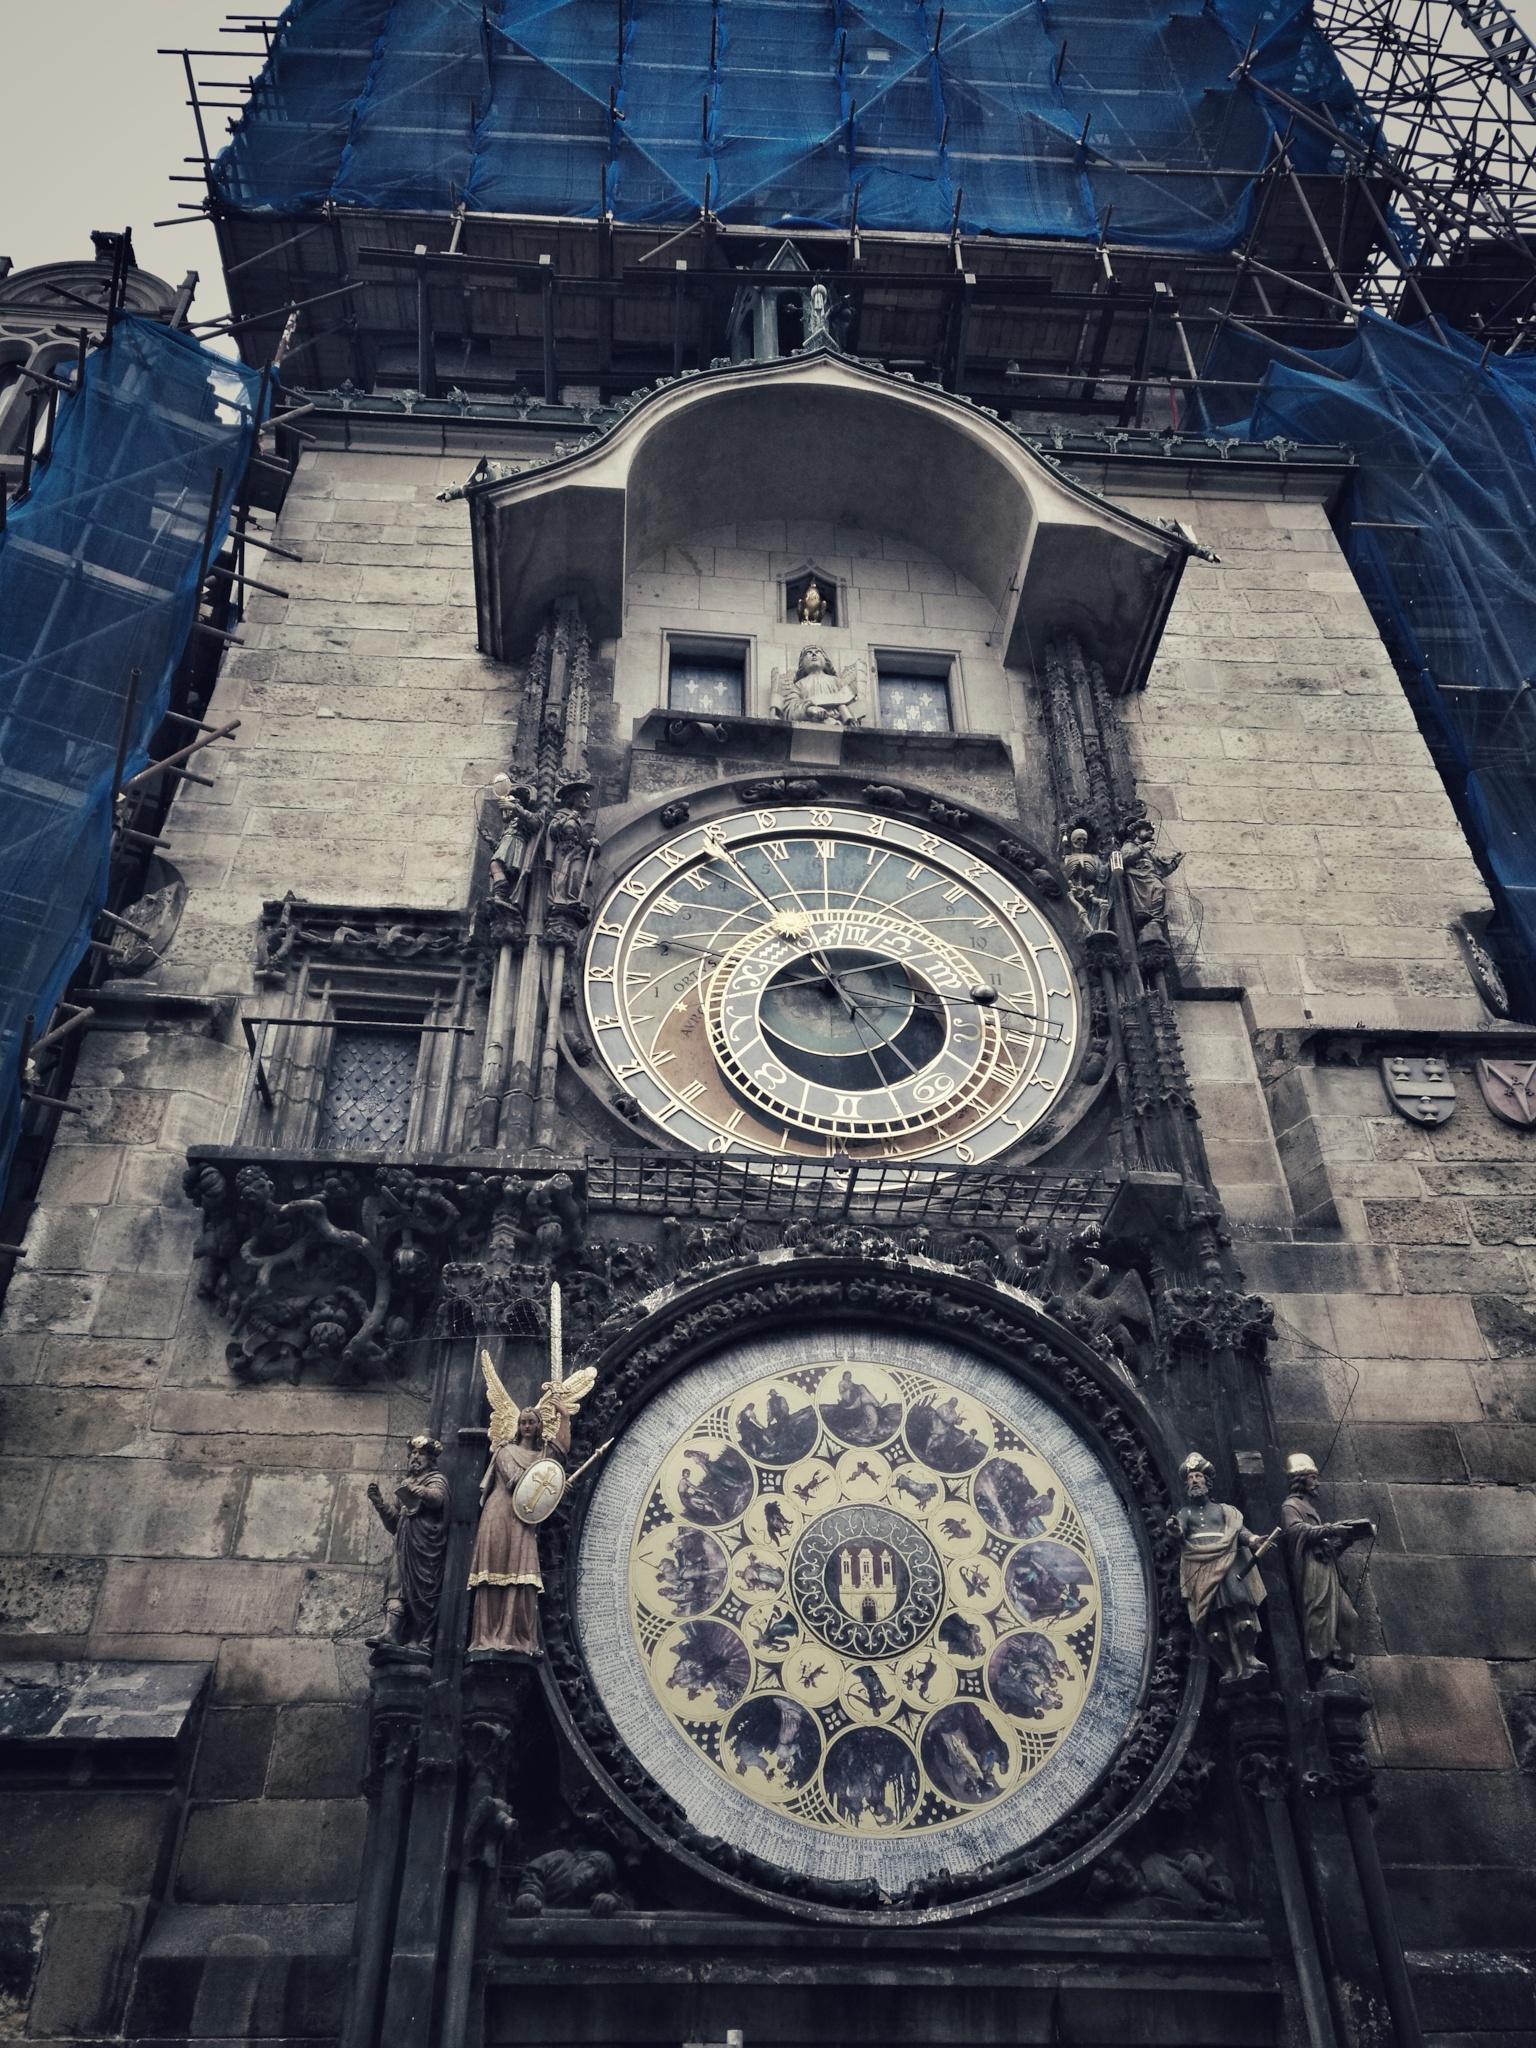 Blossom zine Praga in 4 giorni l'Orologio astronomico